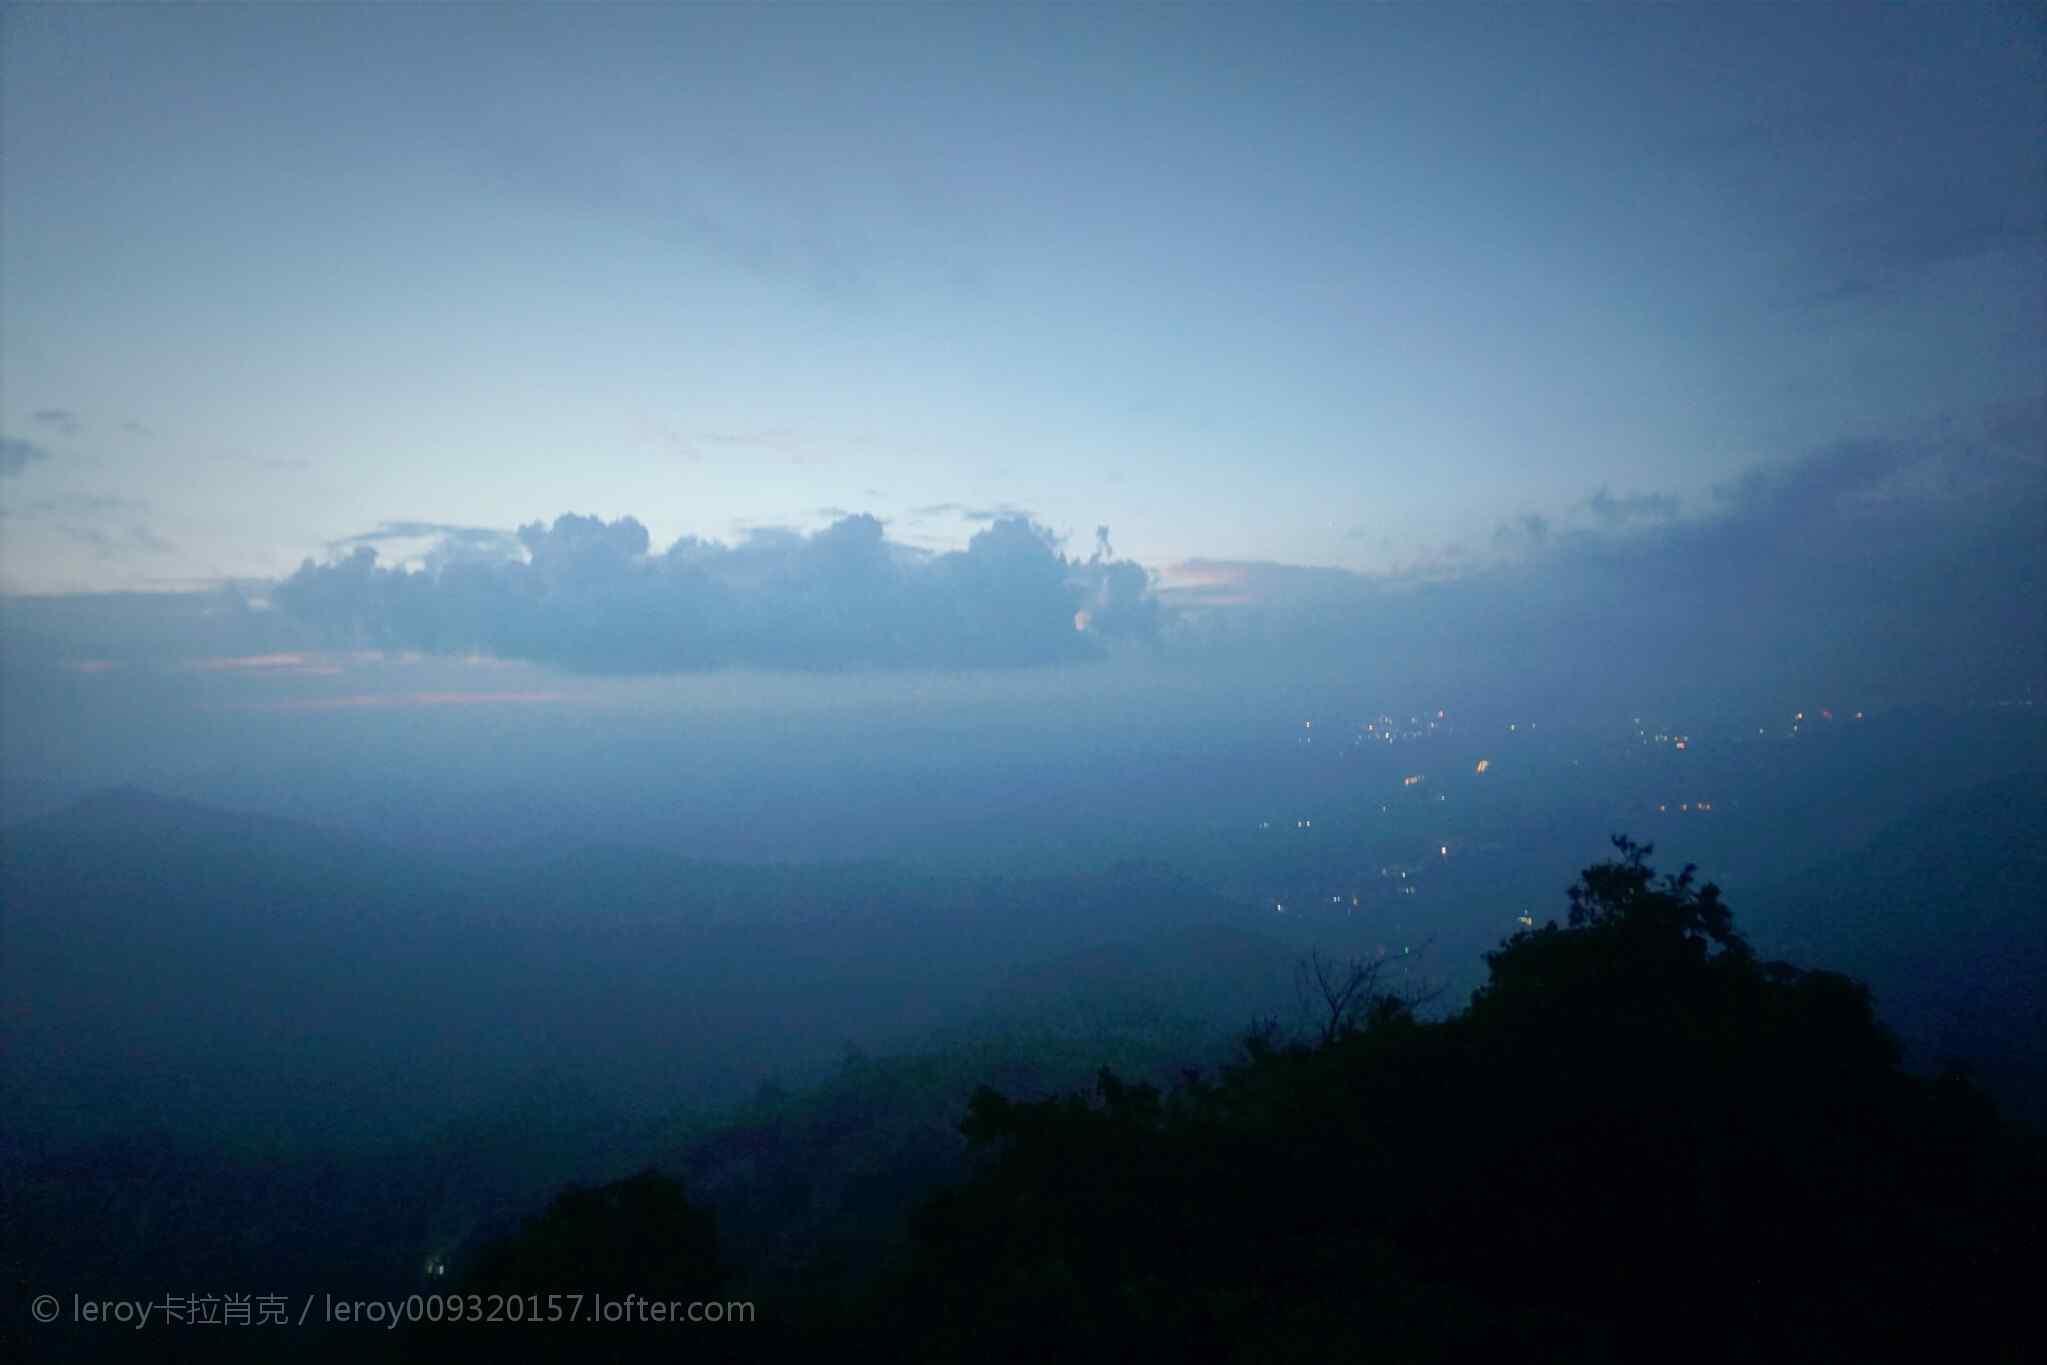 云雾缭绕的莫干山山峰桌面壁纸